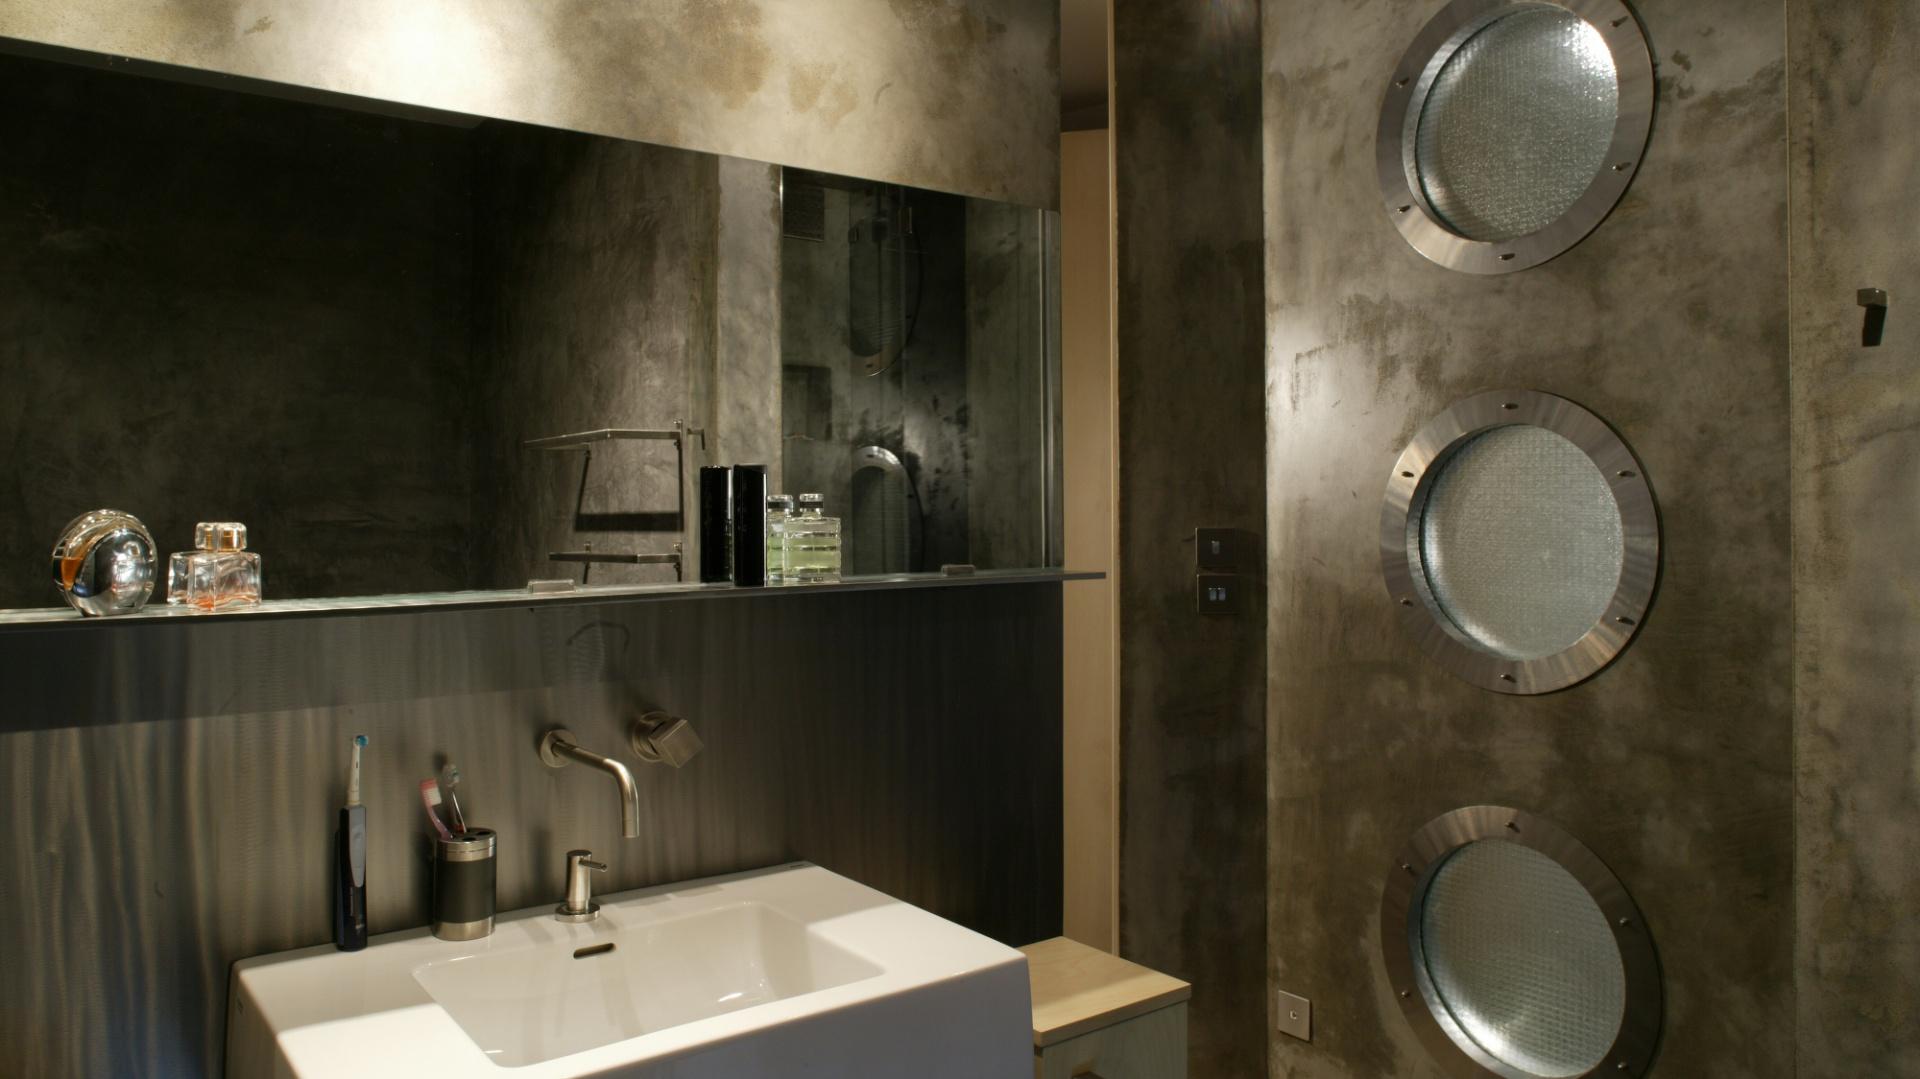 Otoczenie misy umywalki sprawia ascetyczne wrażenie. Zarówno ścienna bateria, jak i lustro z linią szklanej półki nad nią reprezentują minimalistyczne wzornictwo. Fot. Tomasz Markowski.